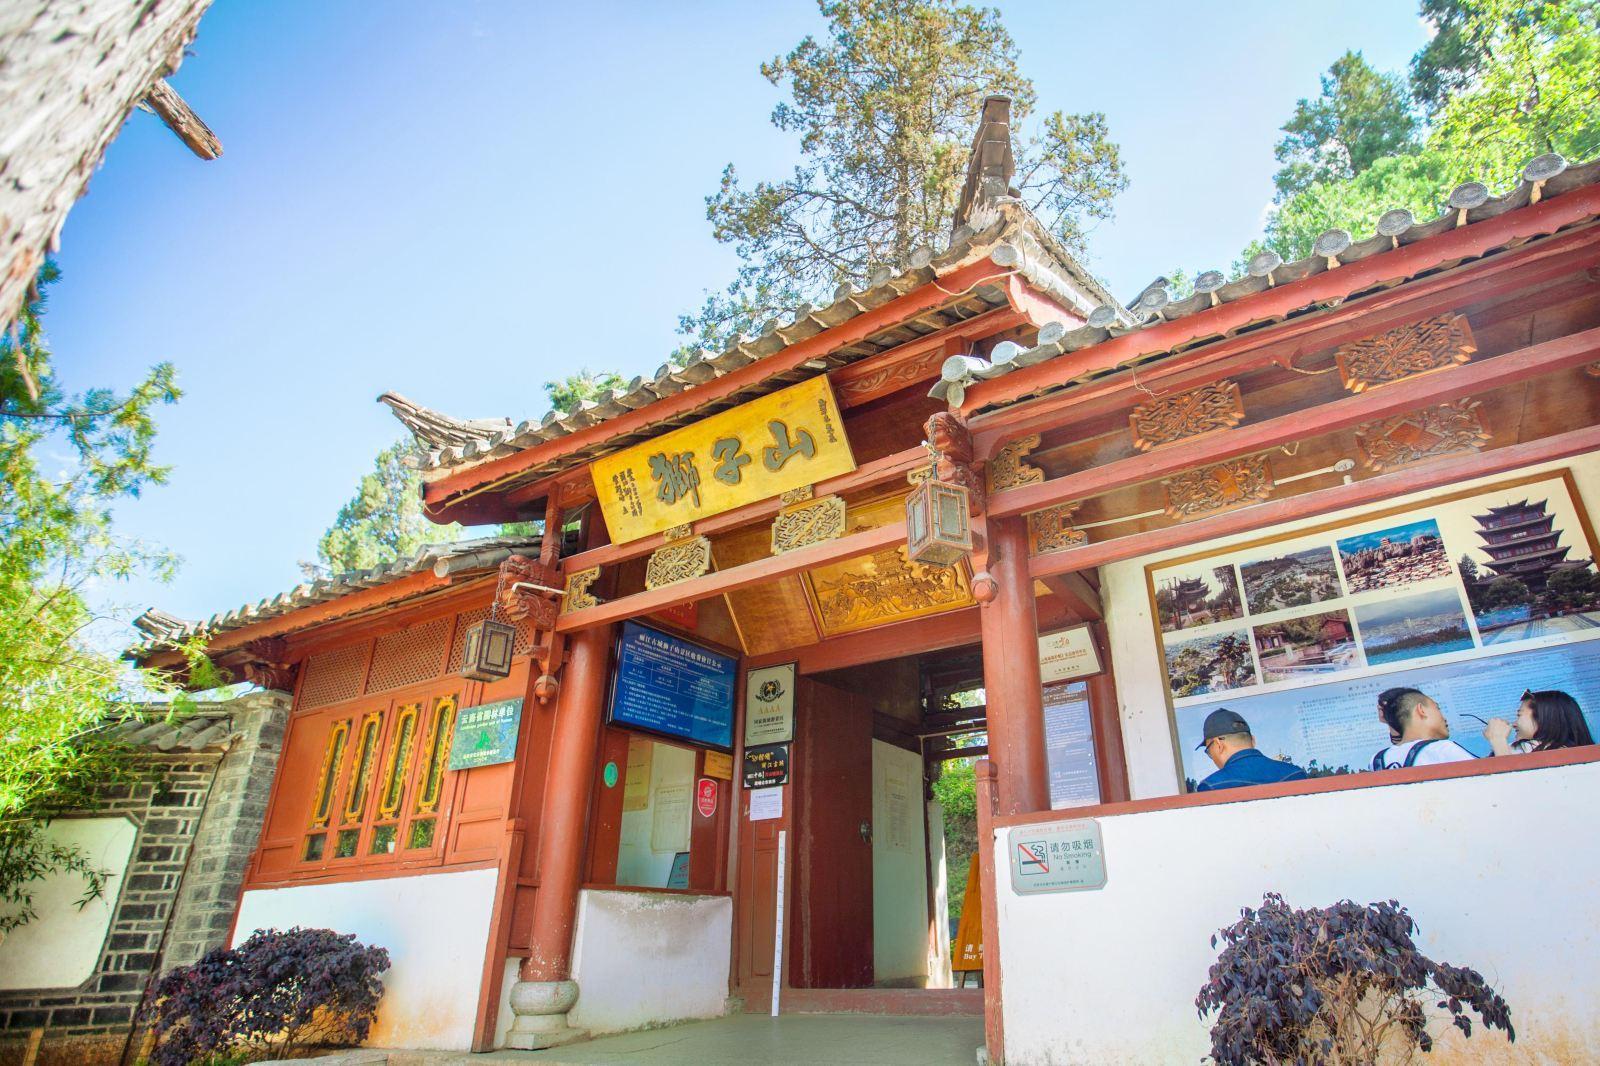 云南丽江旅游季节-到丽江旅行的最佳季节是什么时候?